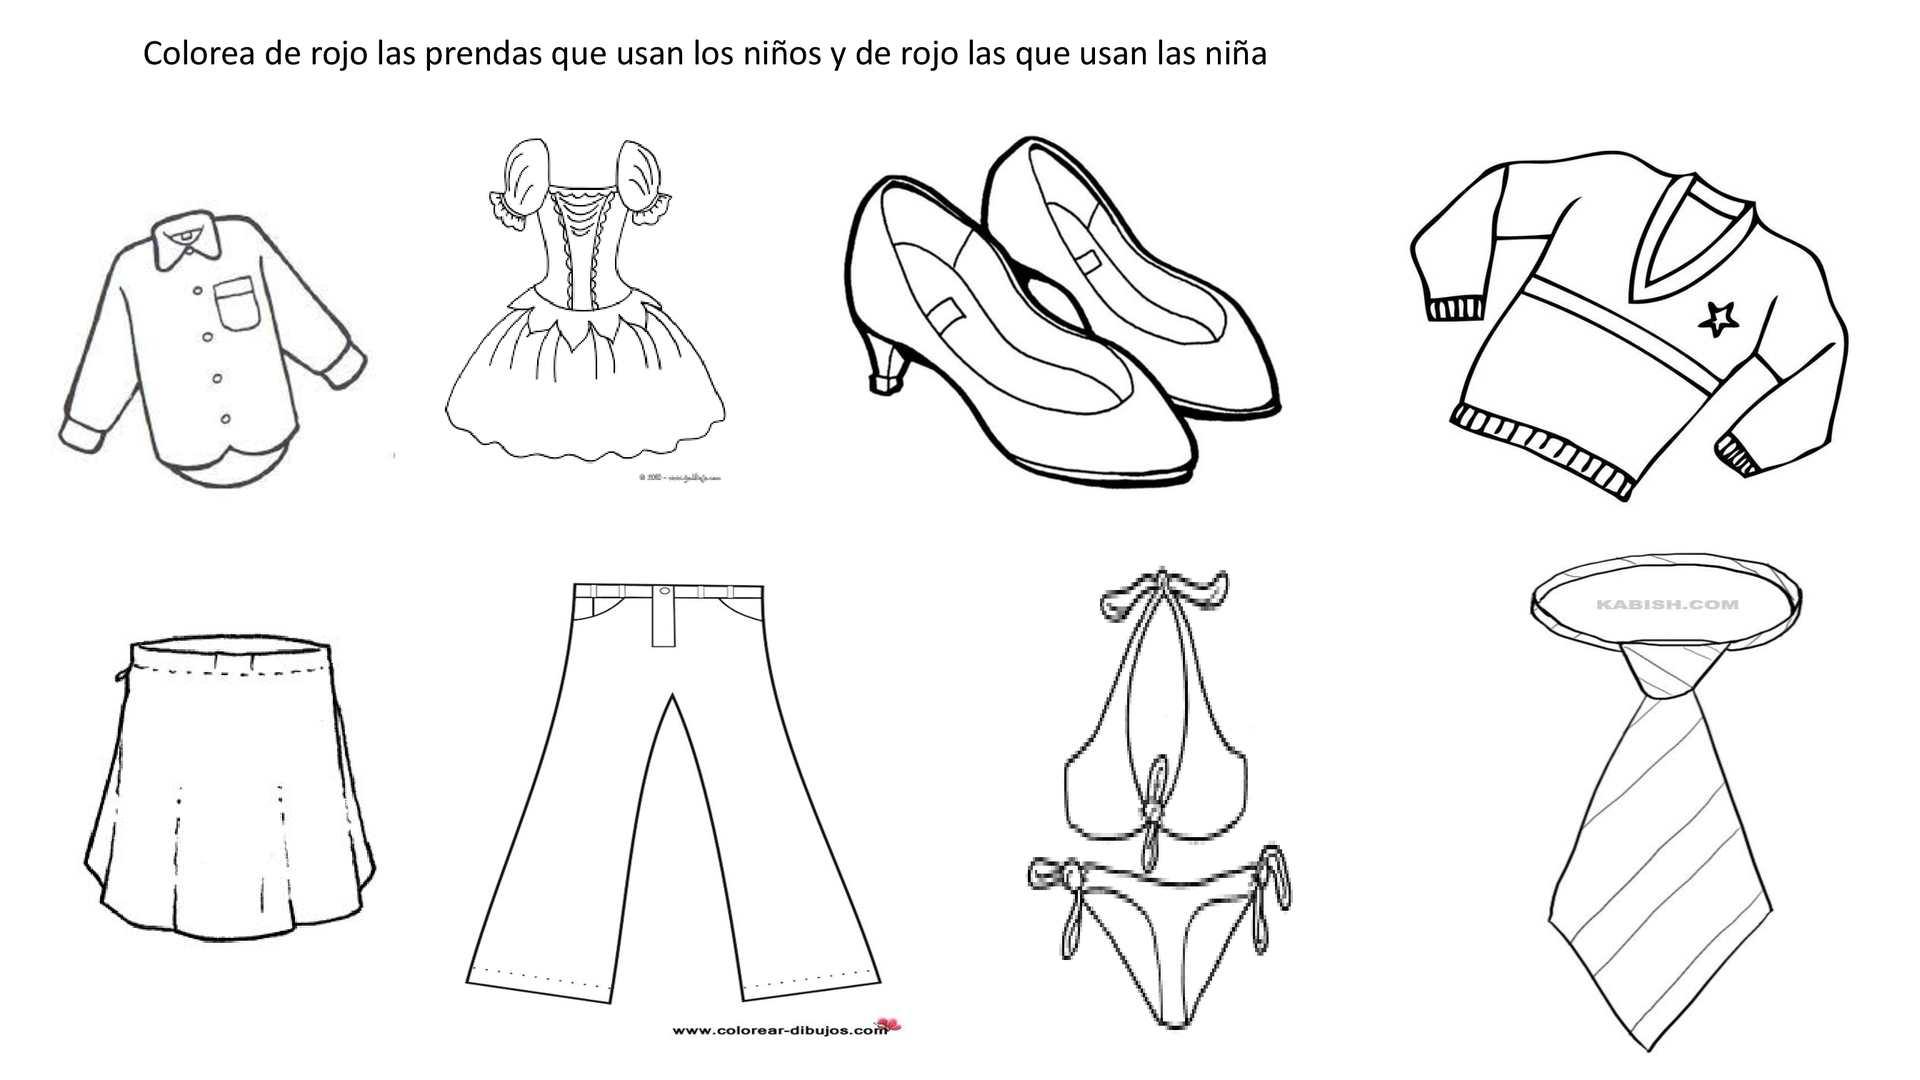 Dibujos De Ropa Para Colorear E Imprimir: Prendas De Vestir Para Colorear Prendas De Vestir Para